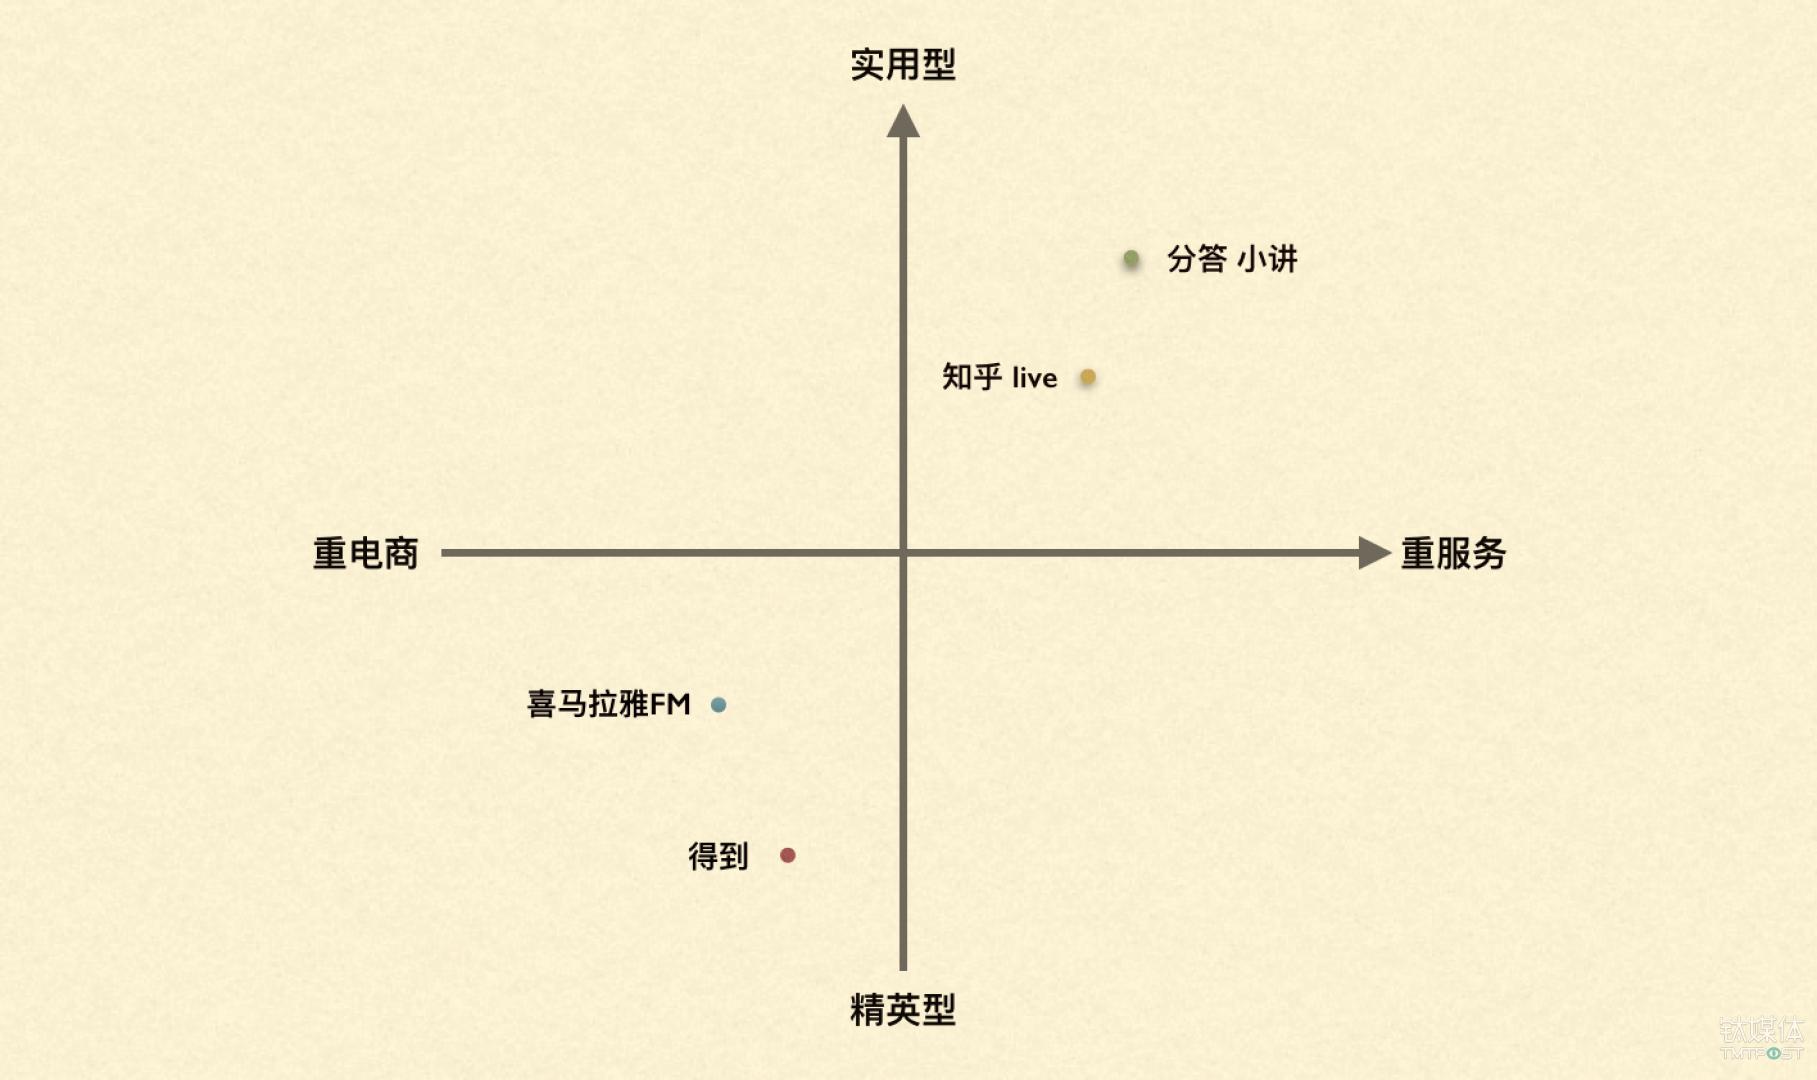 钛媒体用 2X2 四大象限来定义当下的知识付费市场格局(制图:钛媒体)